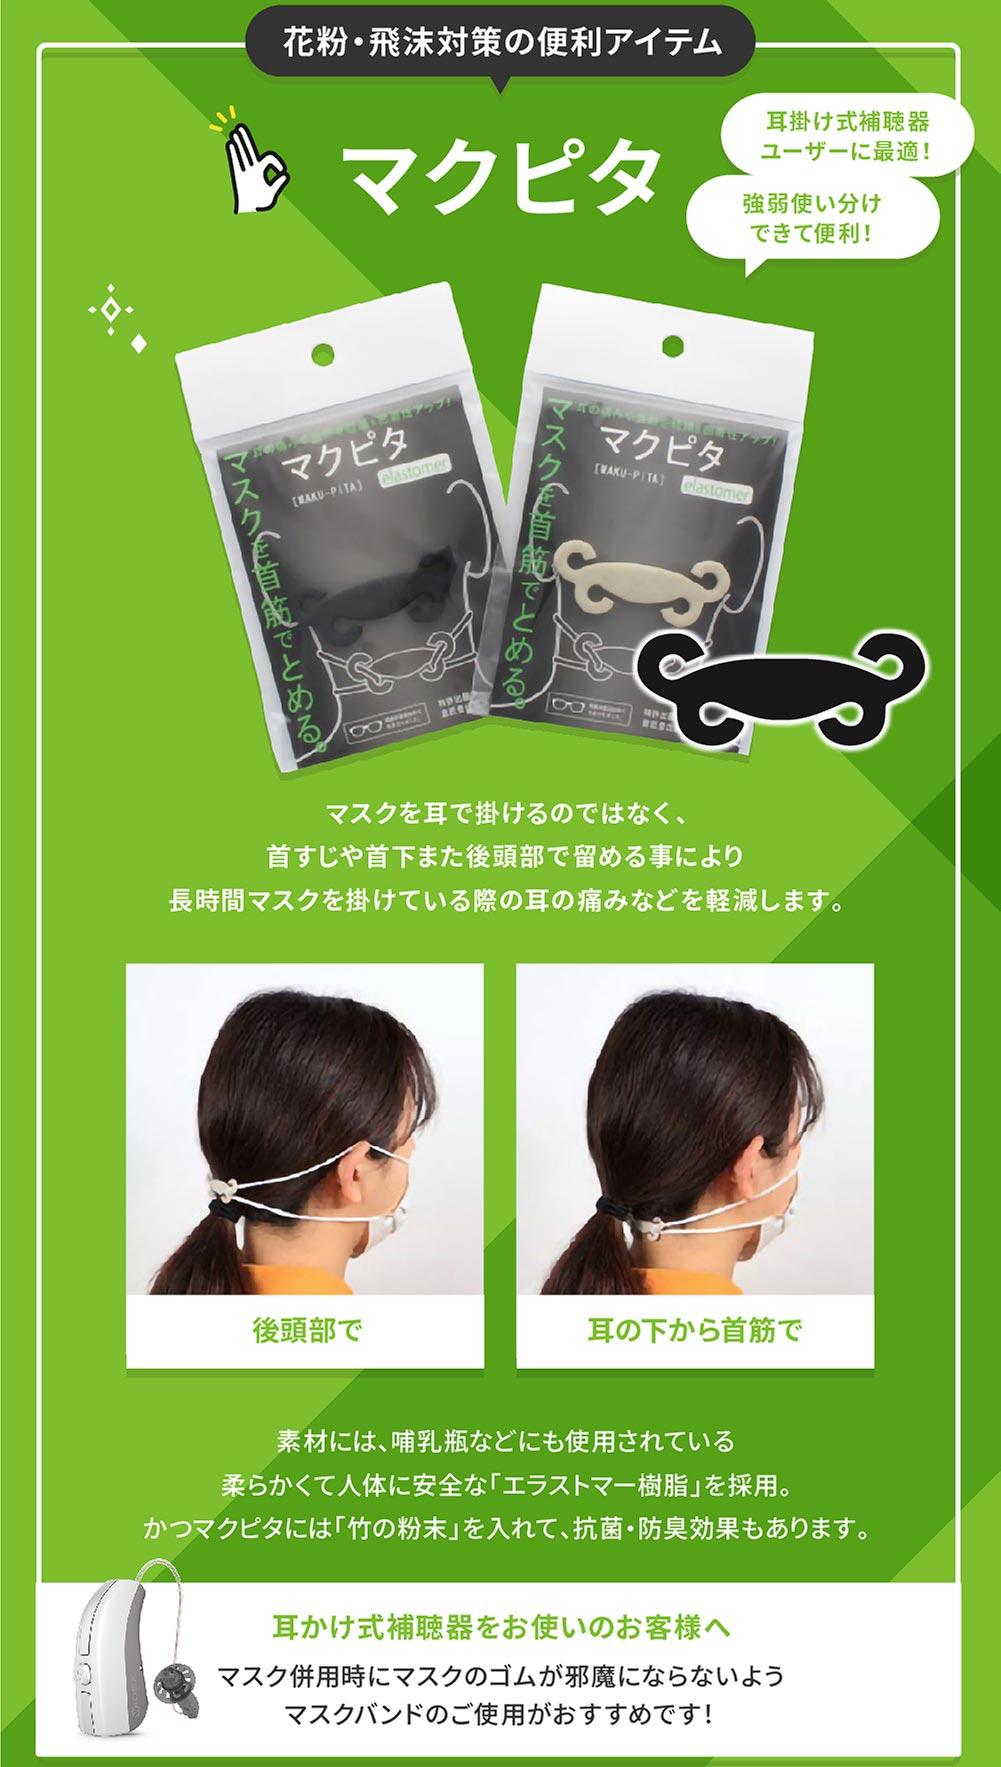 花粉・飛沫対策の便利アイテム マクピタ 耳掛け式補聴器ユーザーに最適! 強弱使い分けできて便利! マスクを耳で掛けるのではなく、 首すじや首下また後頭部で留める事により長時間マスクを掛けている際の耳の痛みなどを軽減します。 後頭部で 耳の下から首筋で 素材には、哺乳瓶などにも使用されている 柔らかくて人体に安全な「エラストマー樹脂」を採用。 かつマクピタには「竹の粉末」を入れて、抗菌・防臭効果もあります。 耳かけ式補聴器をお使いのお客様へ マスク併用時にマスクのゴムが邪魔にならないようマスクバンドのご使用がおすすめです!